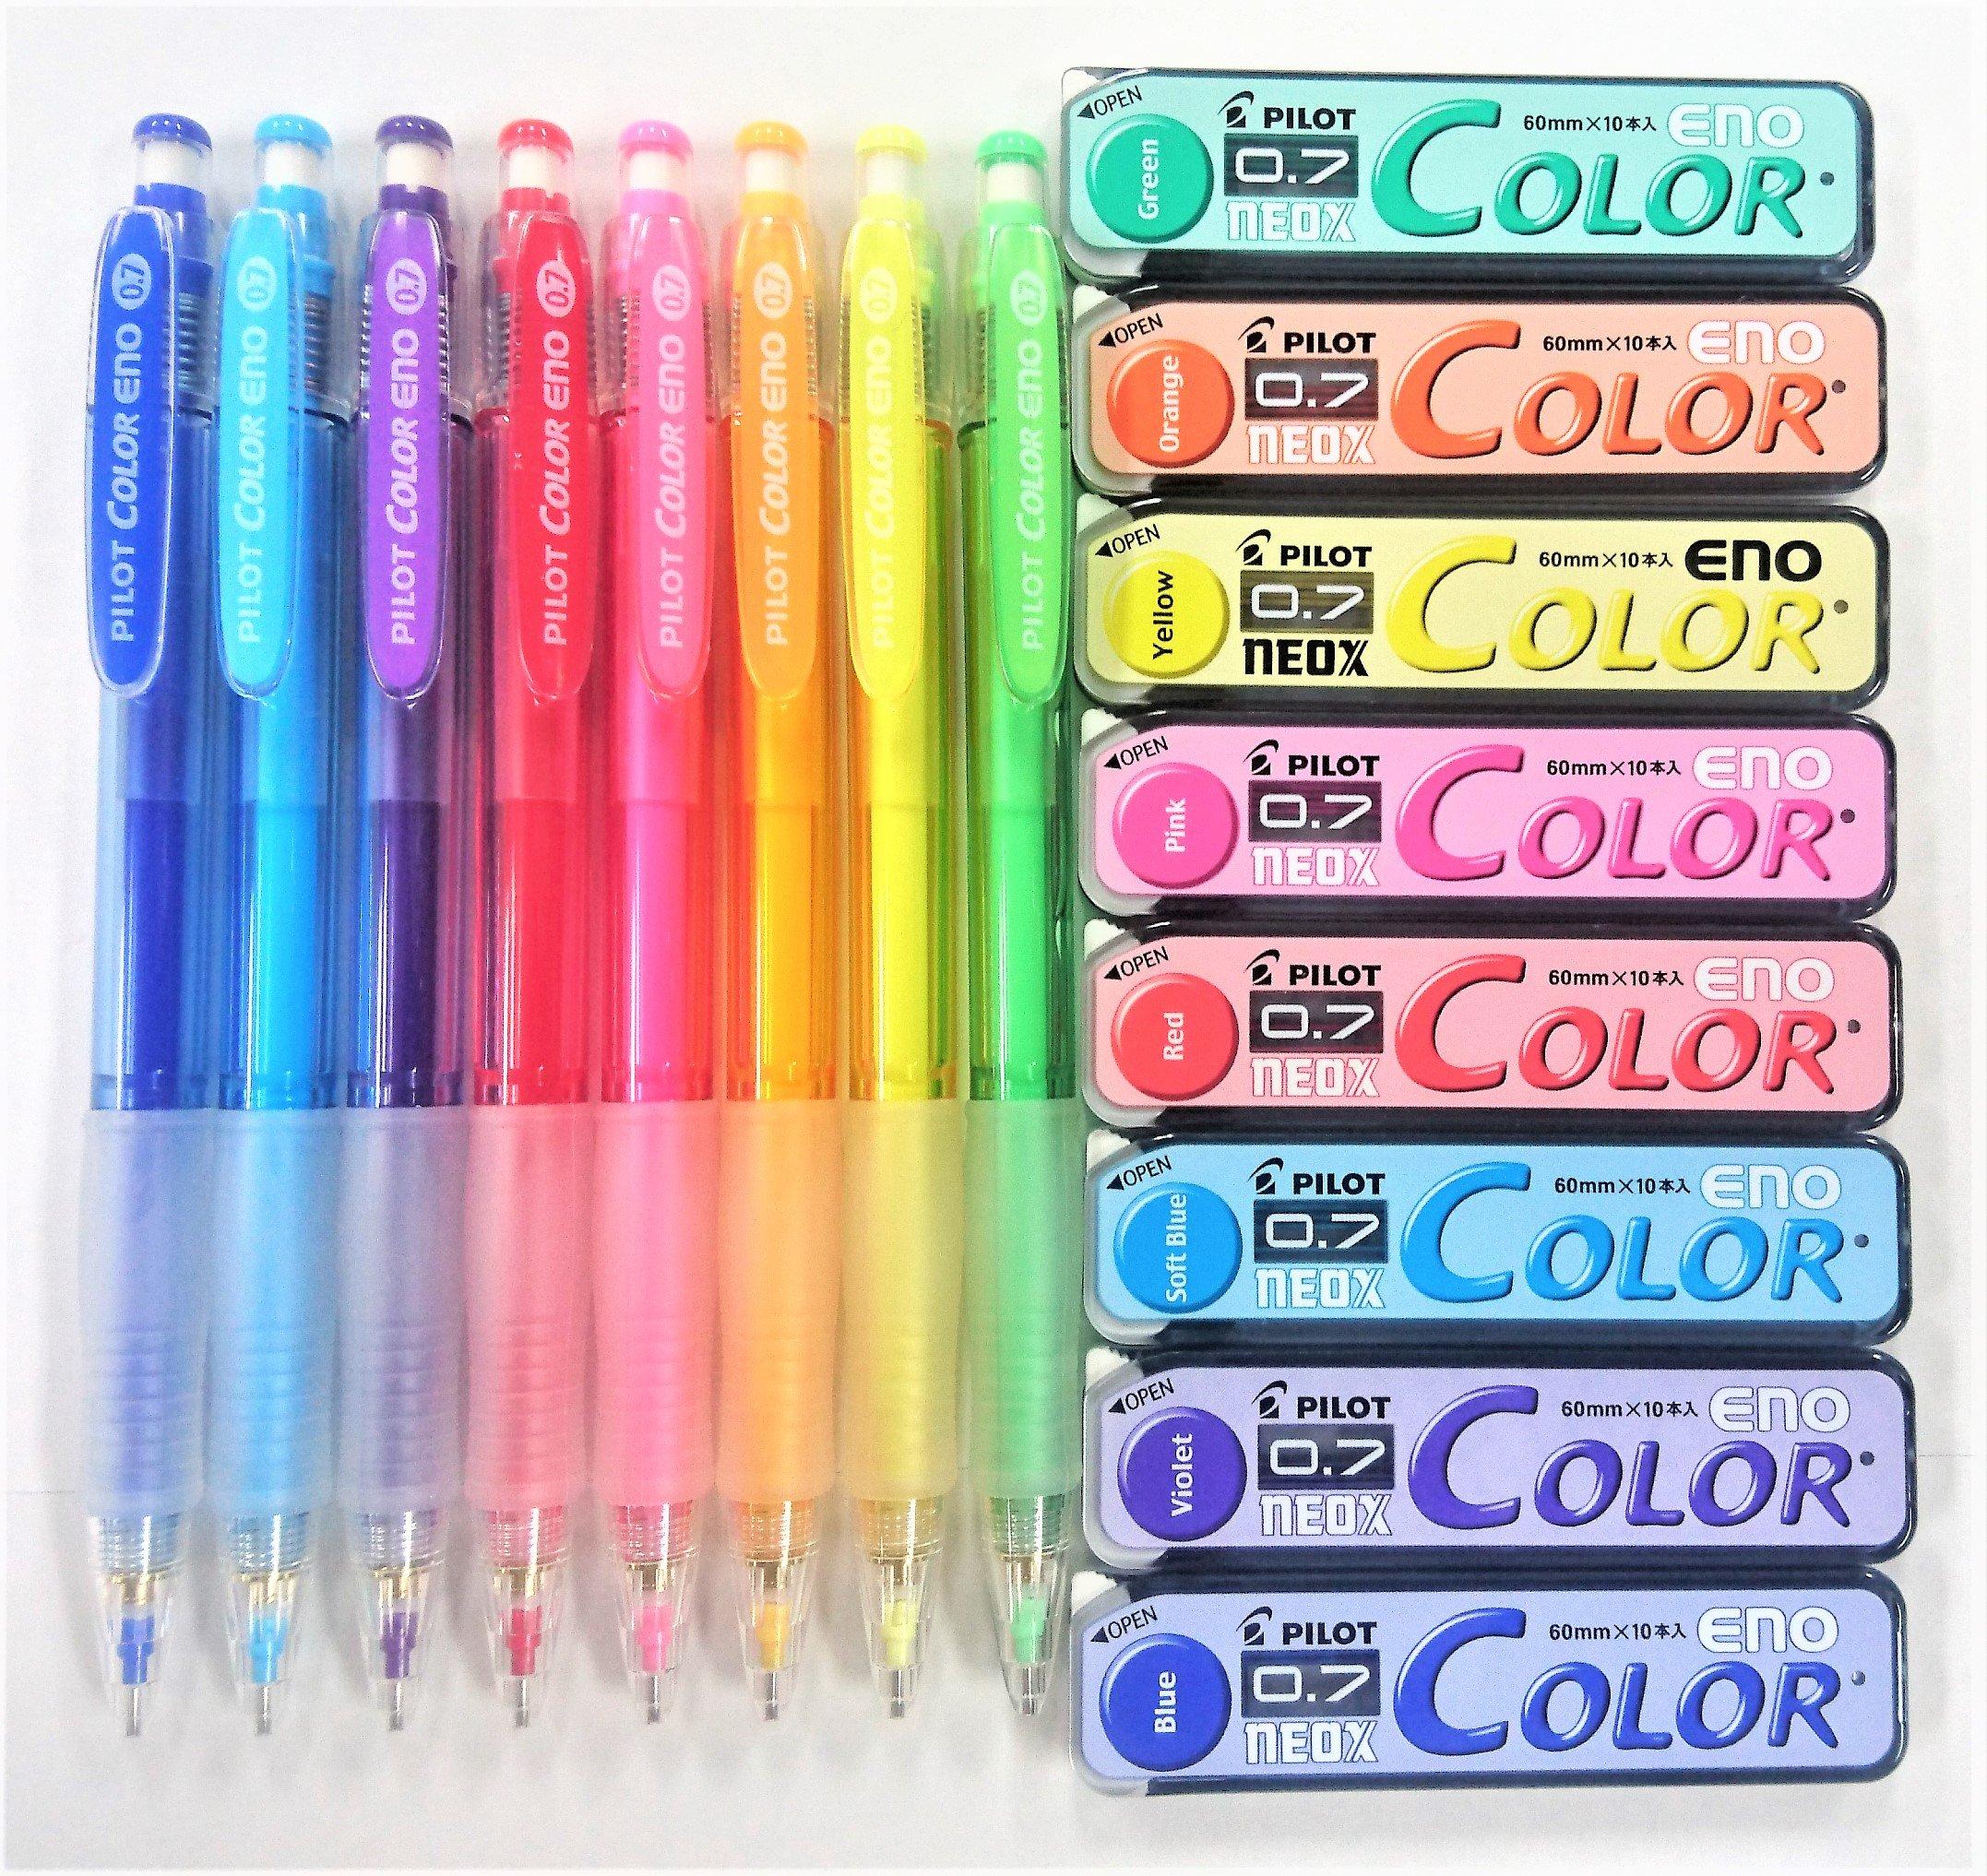 Pilot Color Eno 0.7mm Automatic Mechanical Pencil 8 Color & 0.7mm Lead Refill 8-Box Full Set with Original Vinyl Pen Case by Pilot (Image #1)